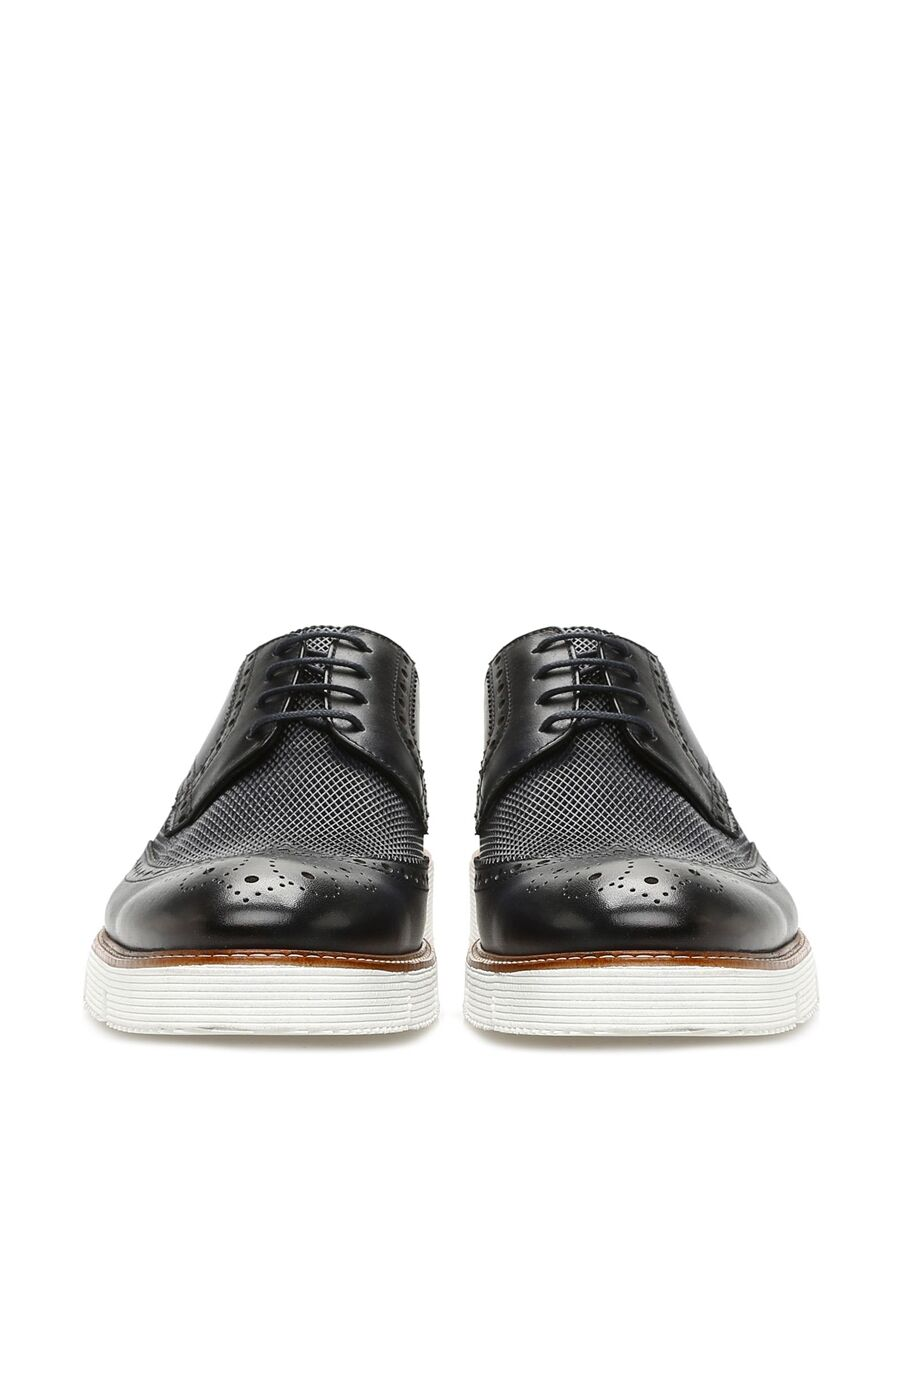 Zımbalı Lacivert Ayakkabı